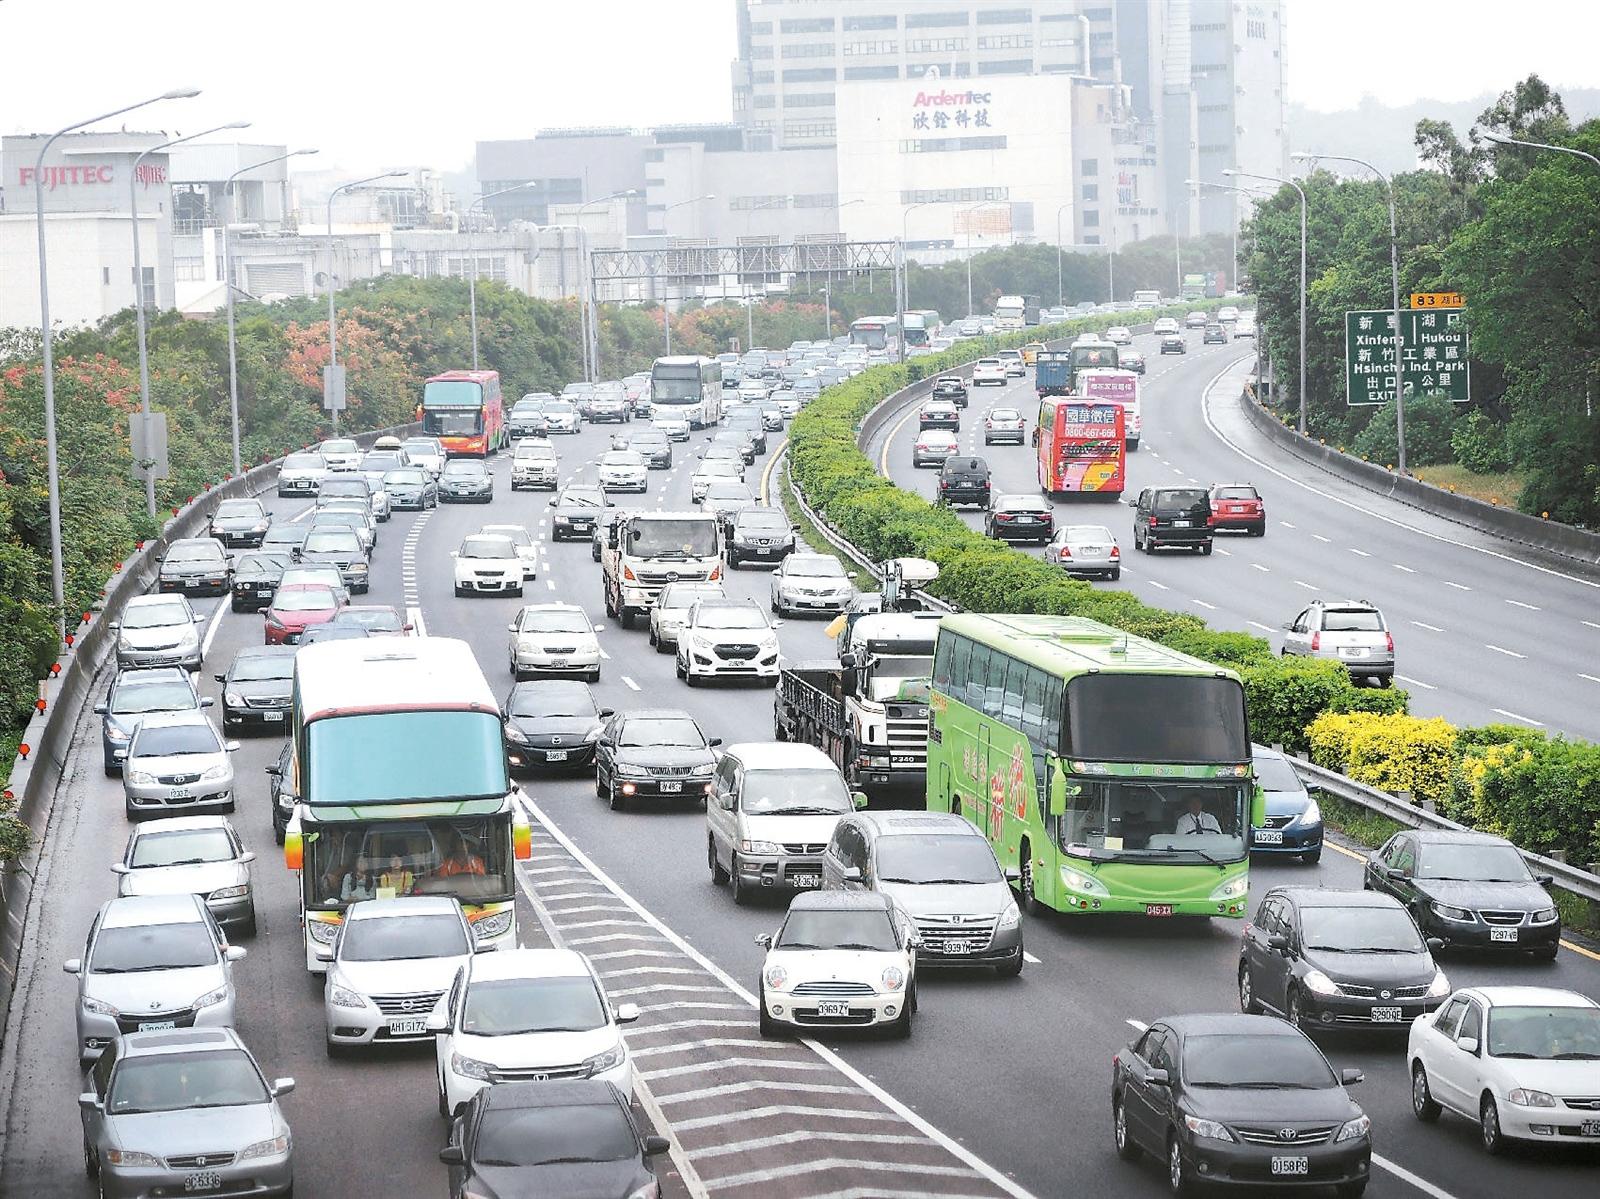 國慶連假不想塞在高速公路?趕緊來看「這一招」教你如何避免受塞車之苦!